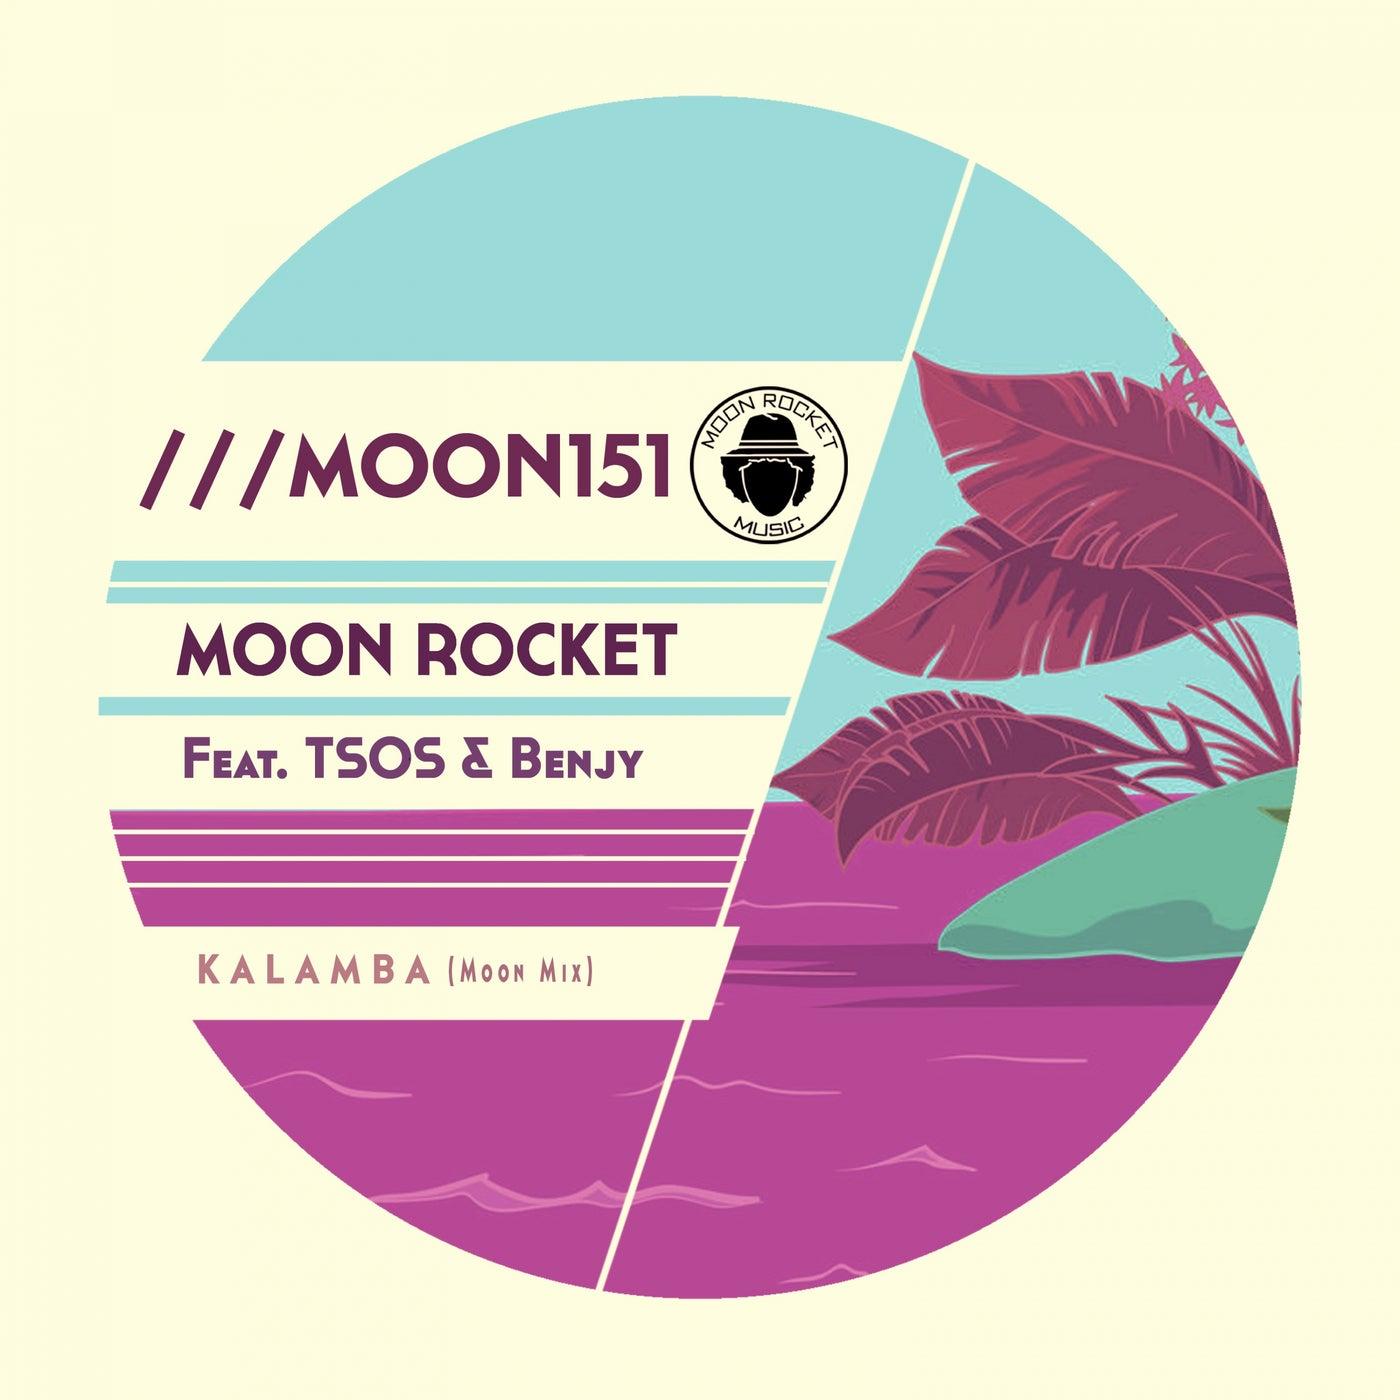 Kalamba (Moon Mix)